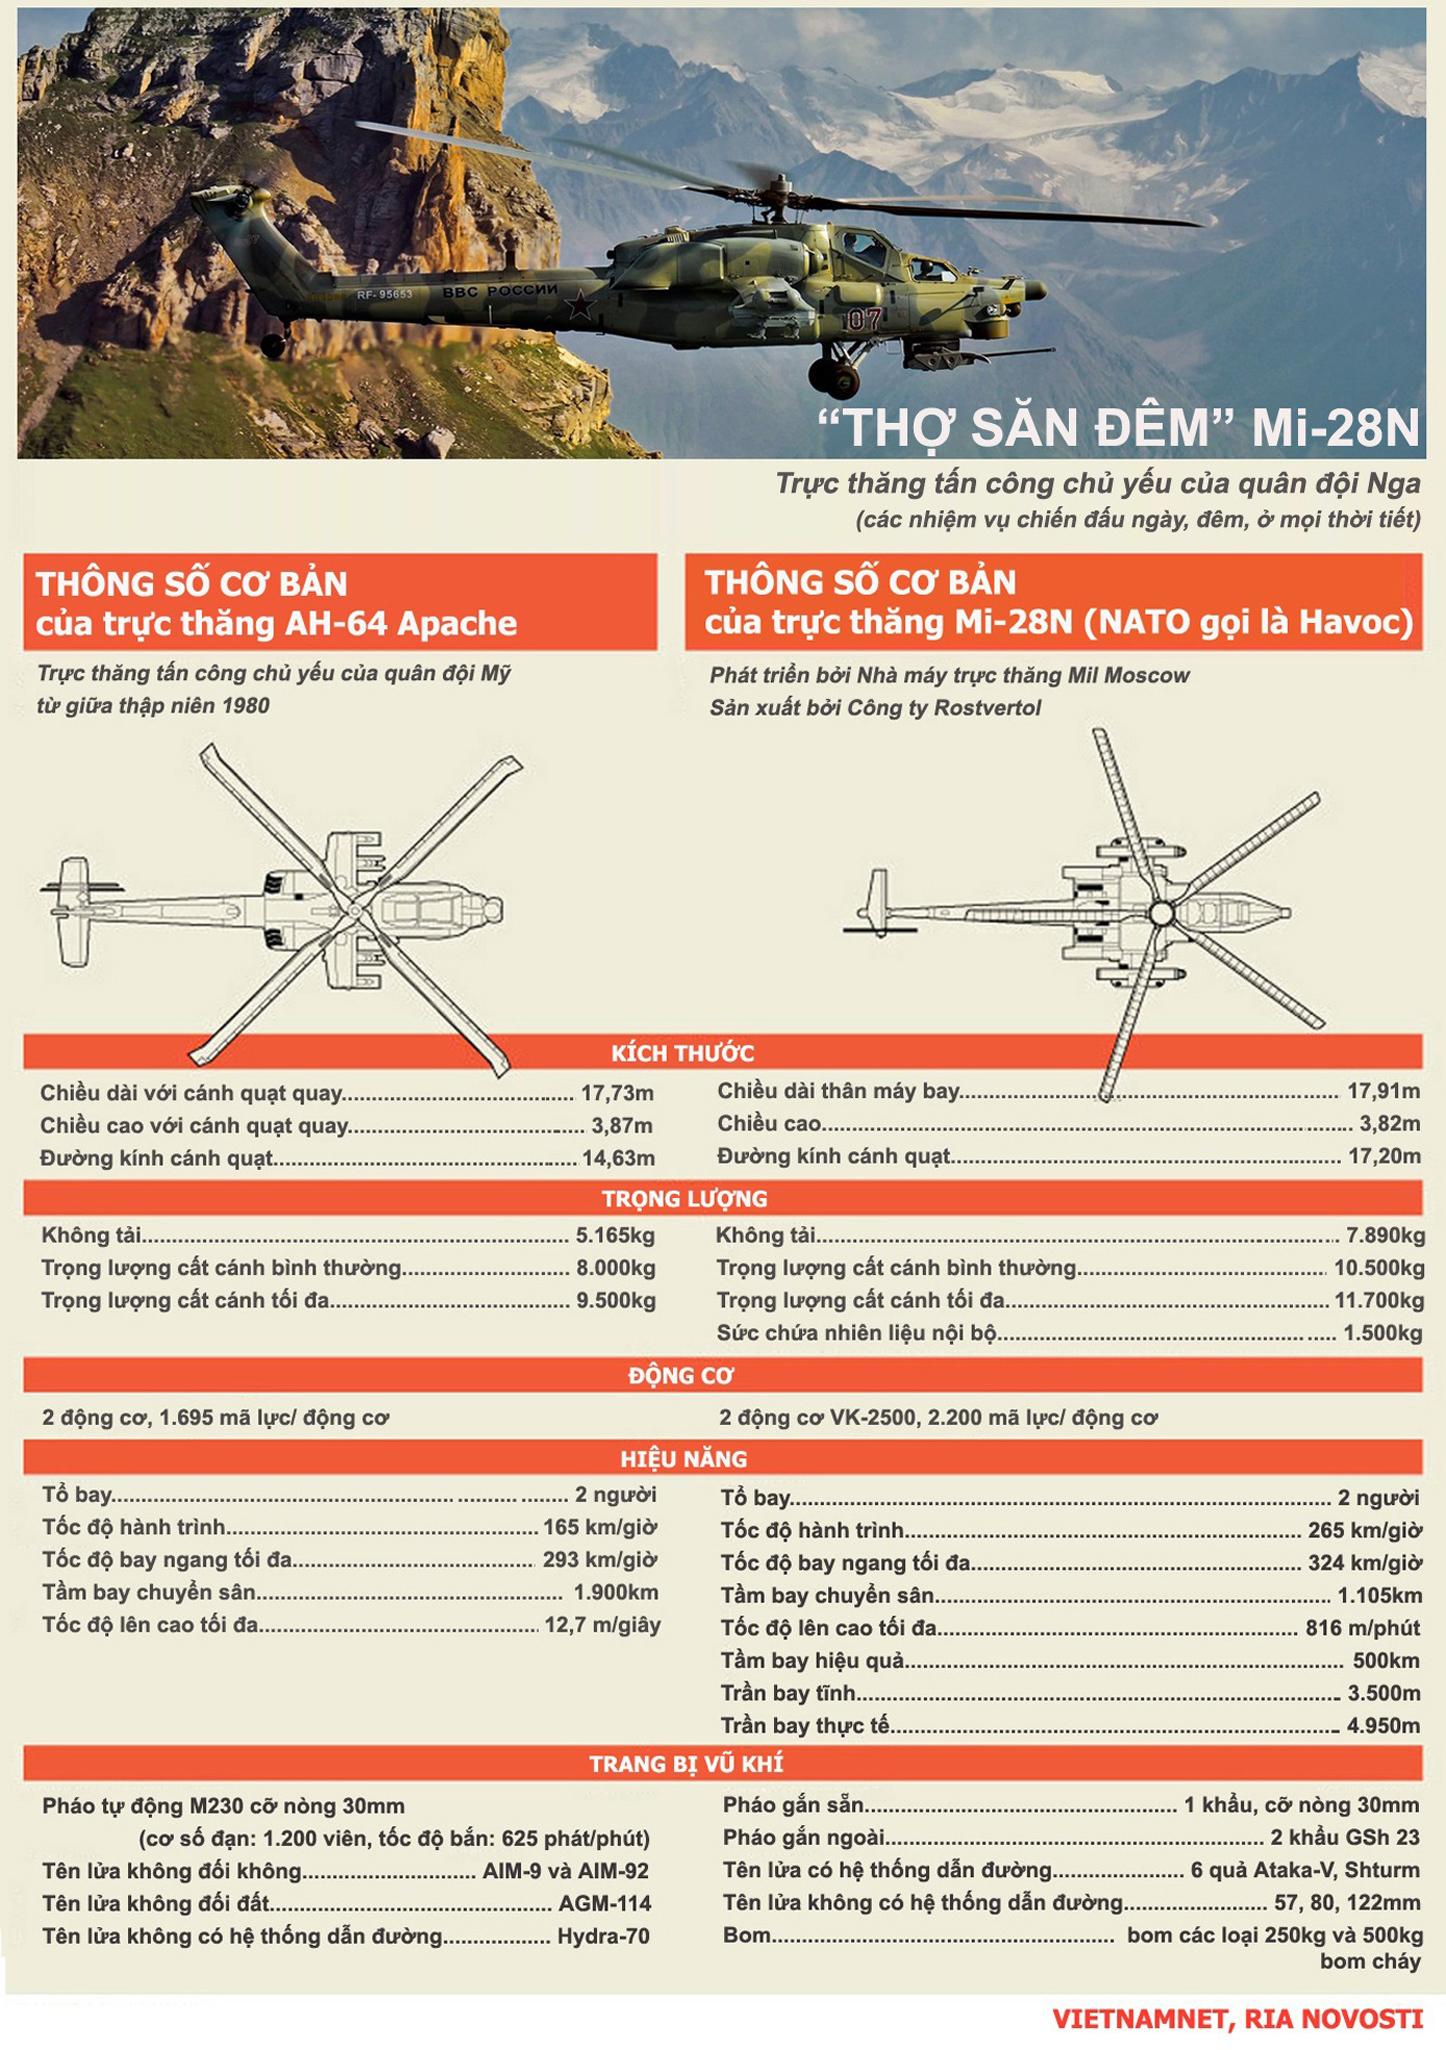 AH-64, Apache, Mi-28N, trực thăng, tấn công, thợ săn đêm, Infographic, kẻ tàn sát